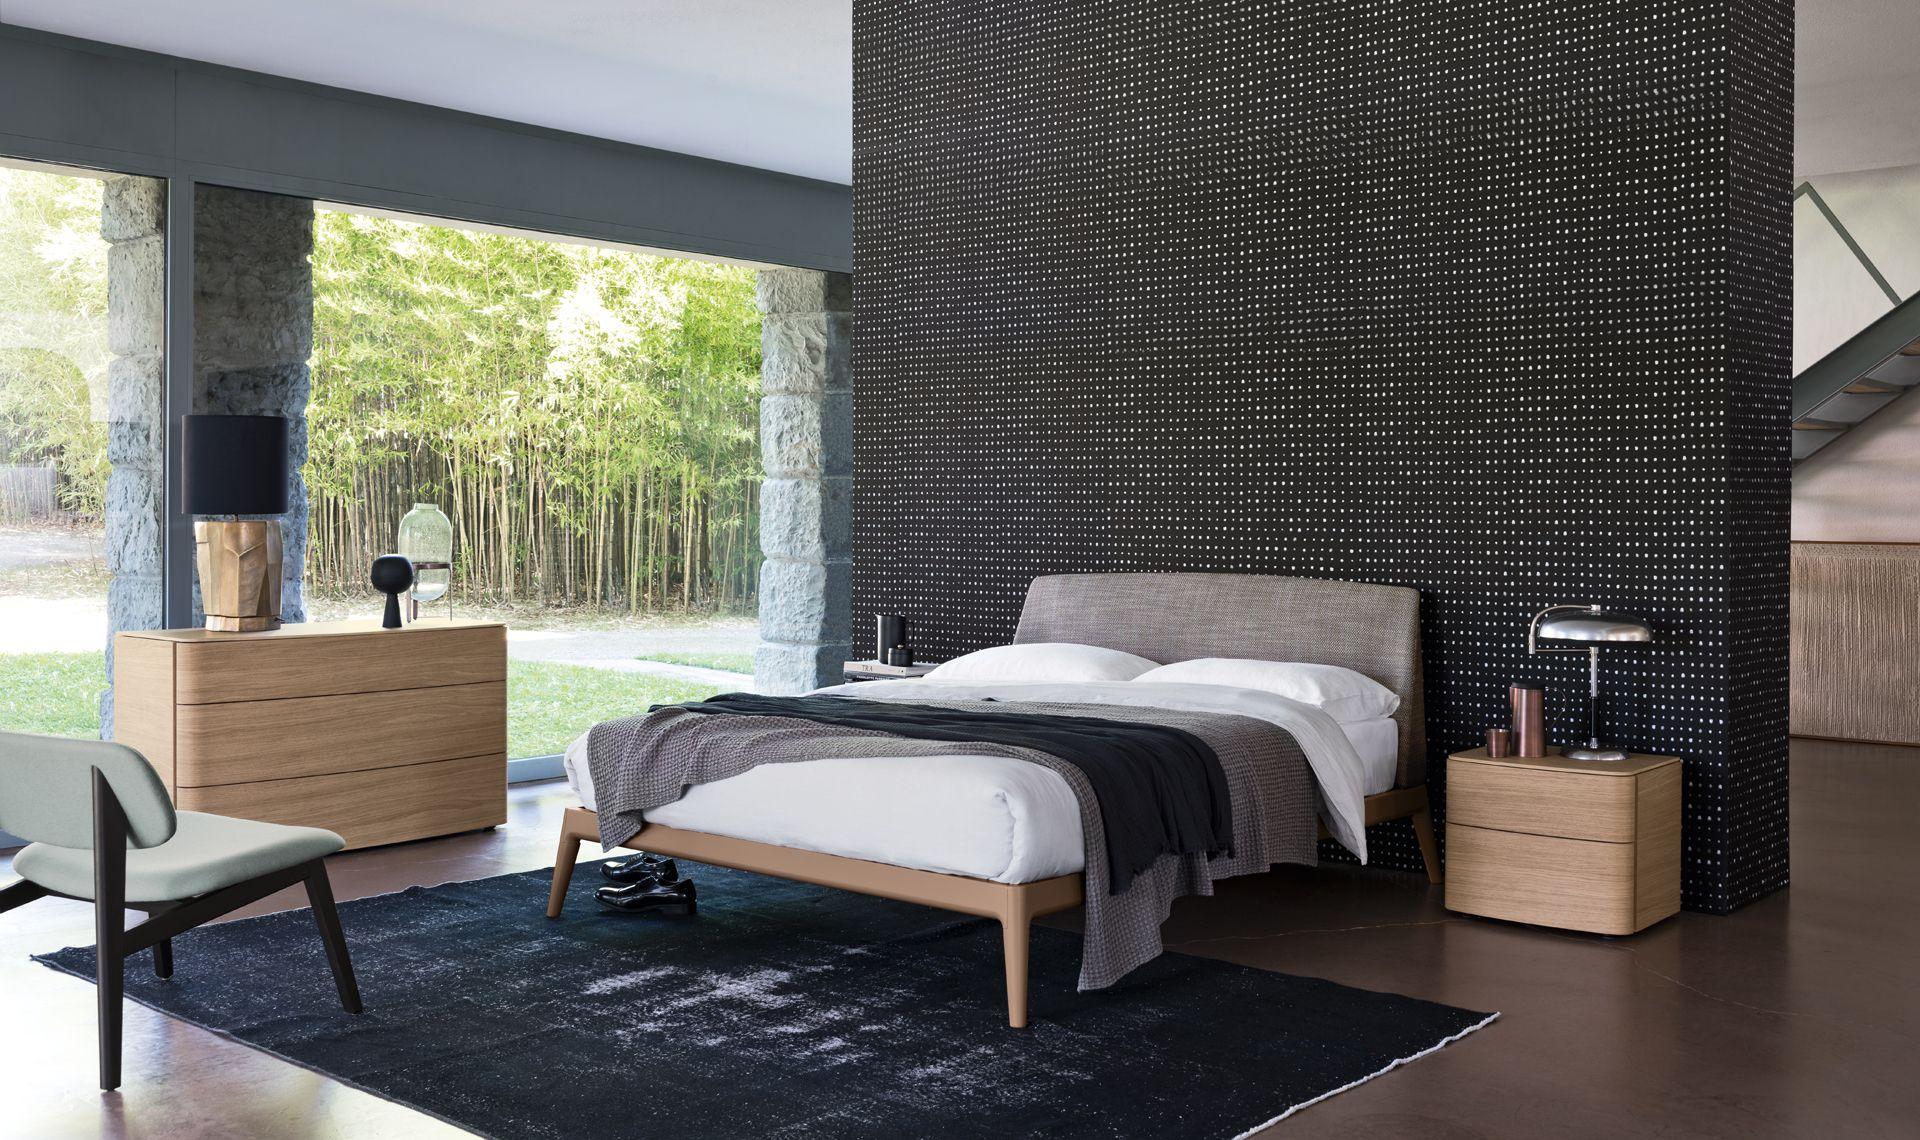 Alf Group Camere Da Letto.Letti Ecate Design Moderno Alf Dafre Design Moderno Design Moderno